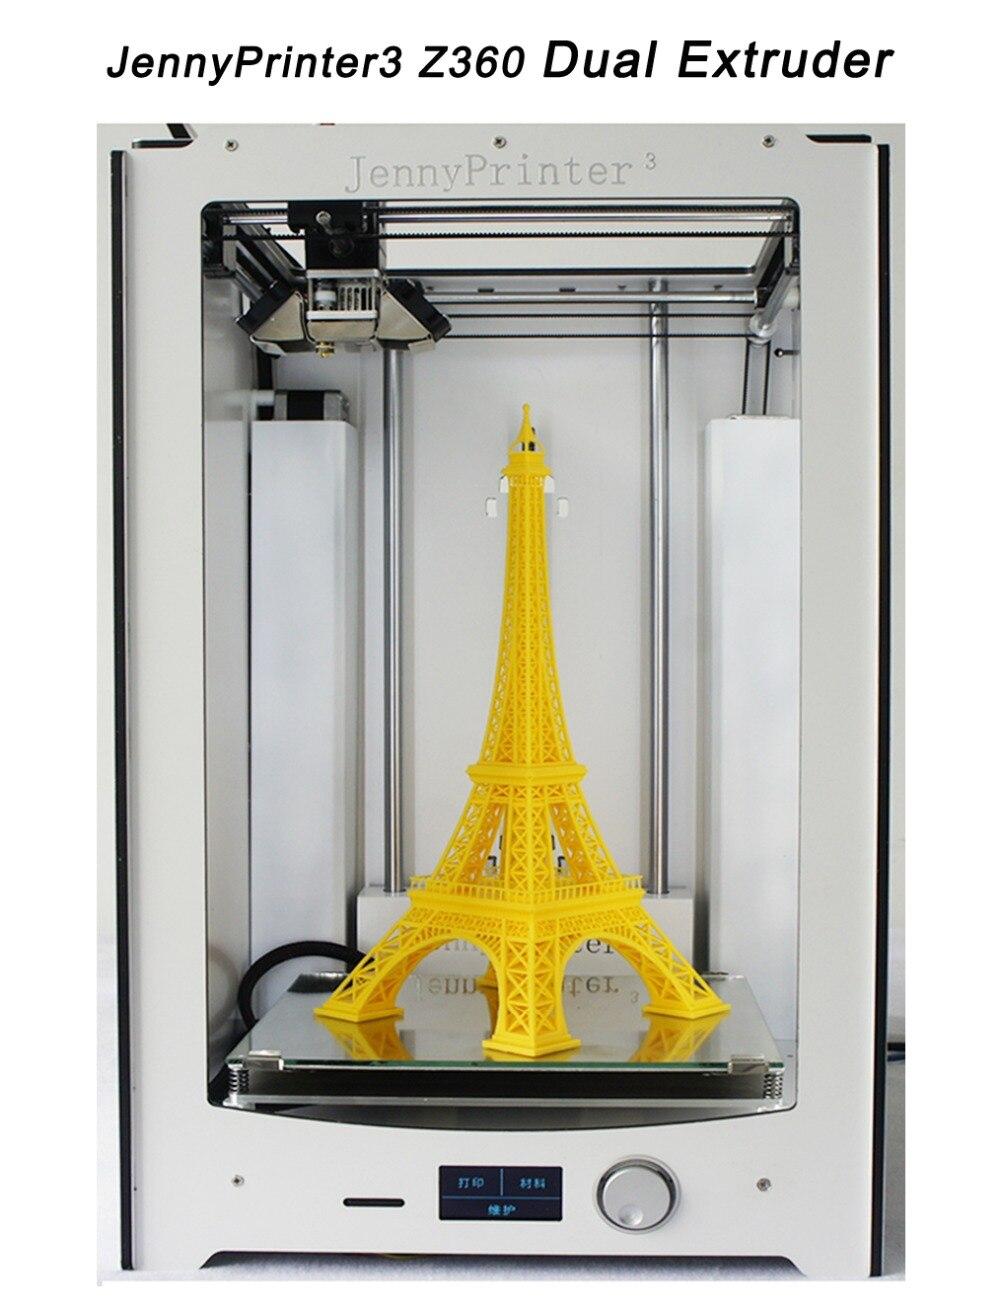 ¡El más nuevo! JennyPrinter3 Z360 extrusora de doble boquilla KIT de bricolaje para UM2 Ultimaker 2 + se nivelación automática 3D impresora incluyen todas las partes